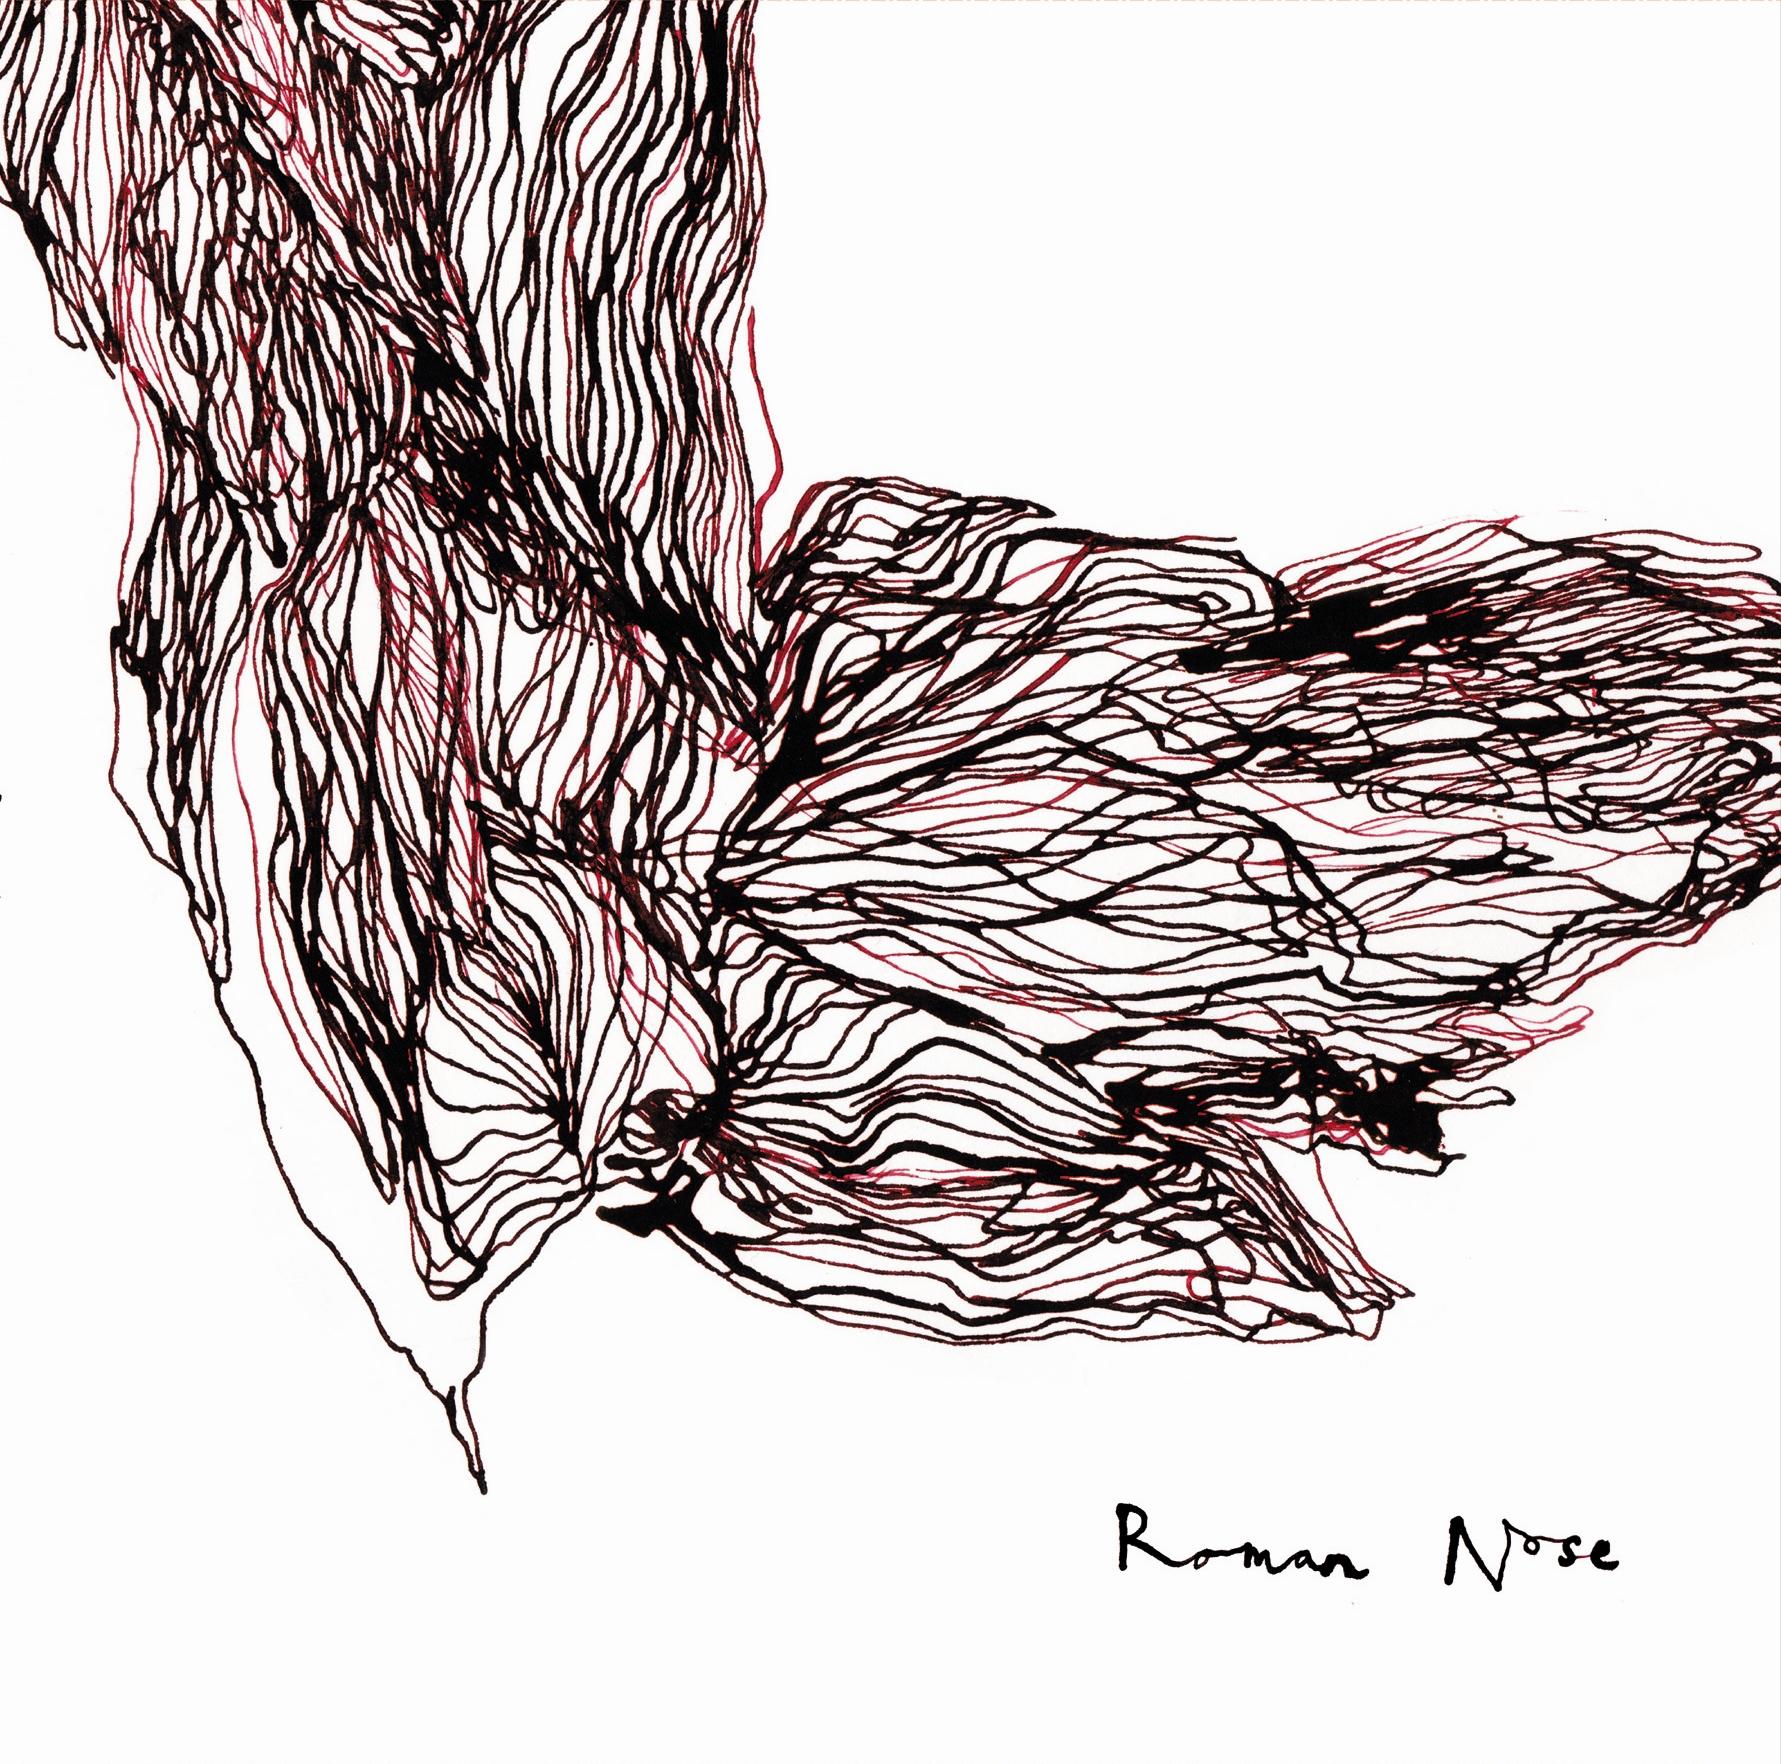 ROMAN-NOSE-LP-front